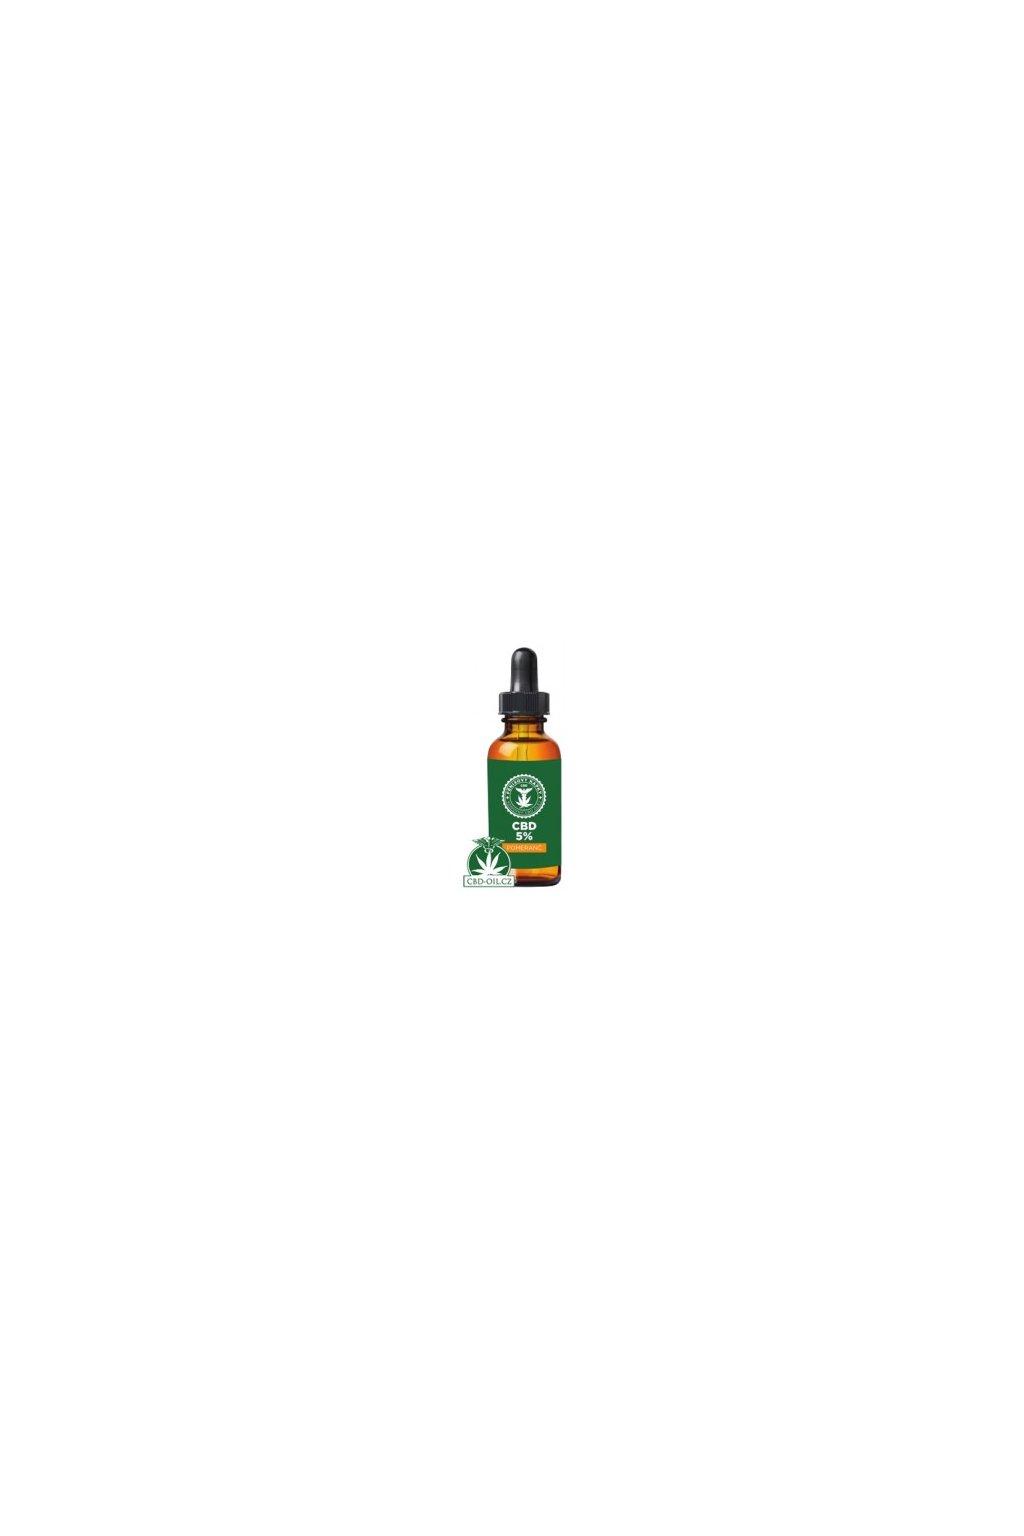 fenixovy kapky cbd olej 10 pomeranc (1)